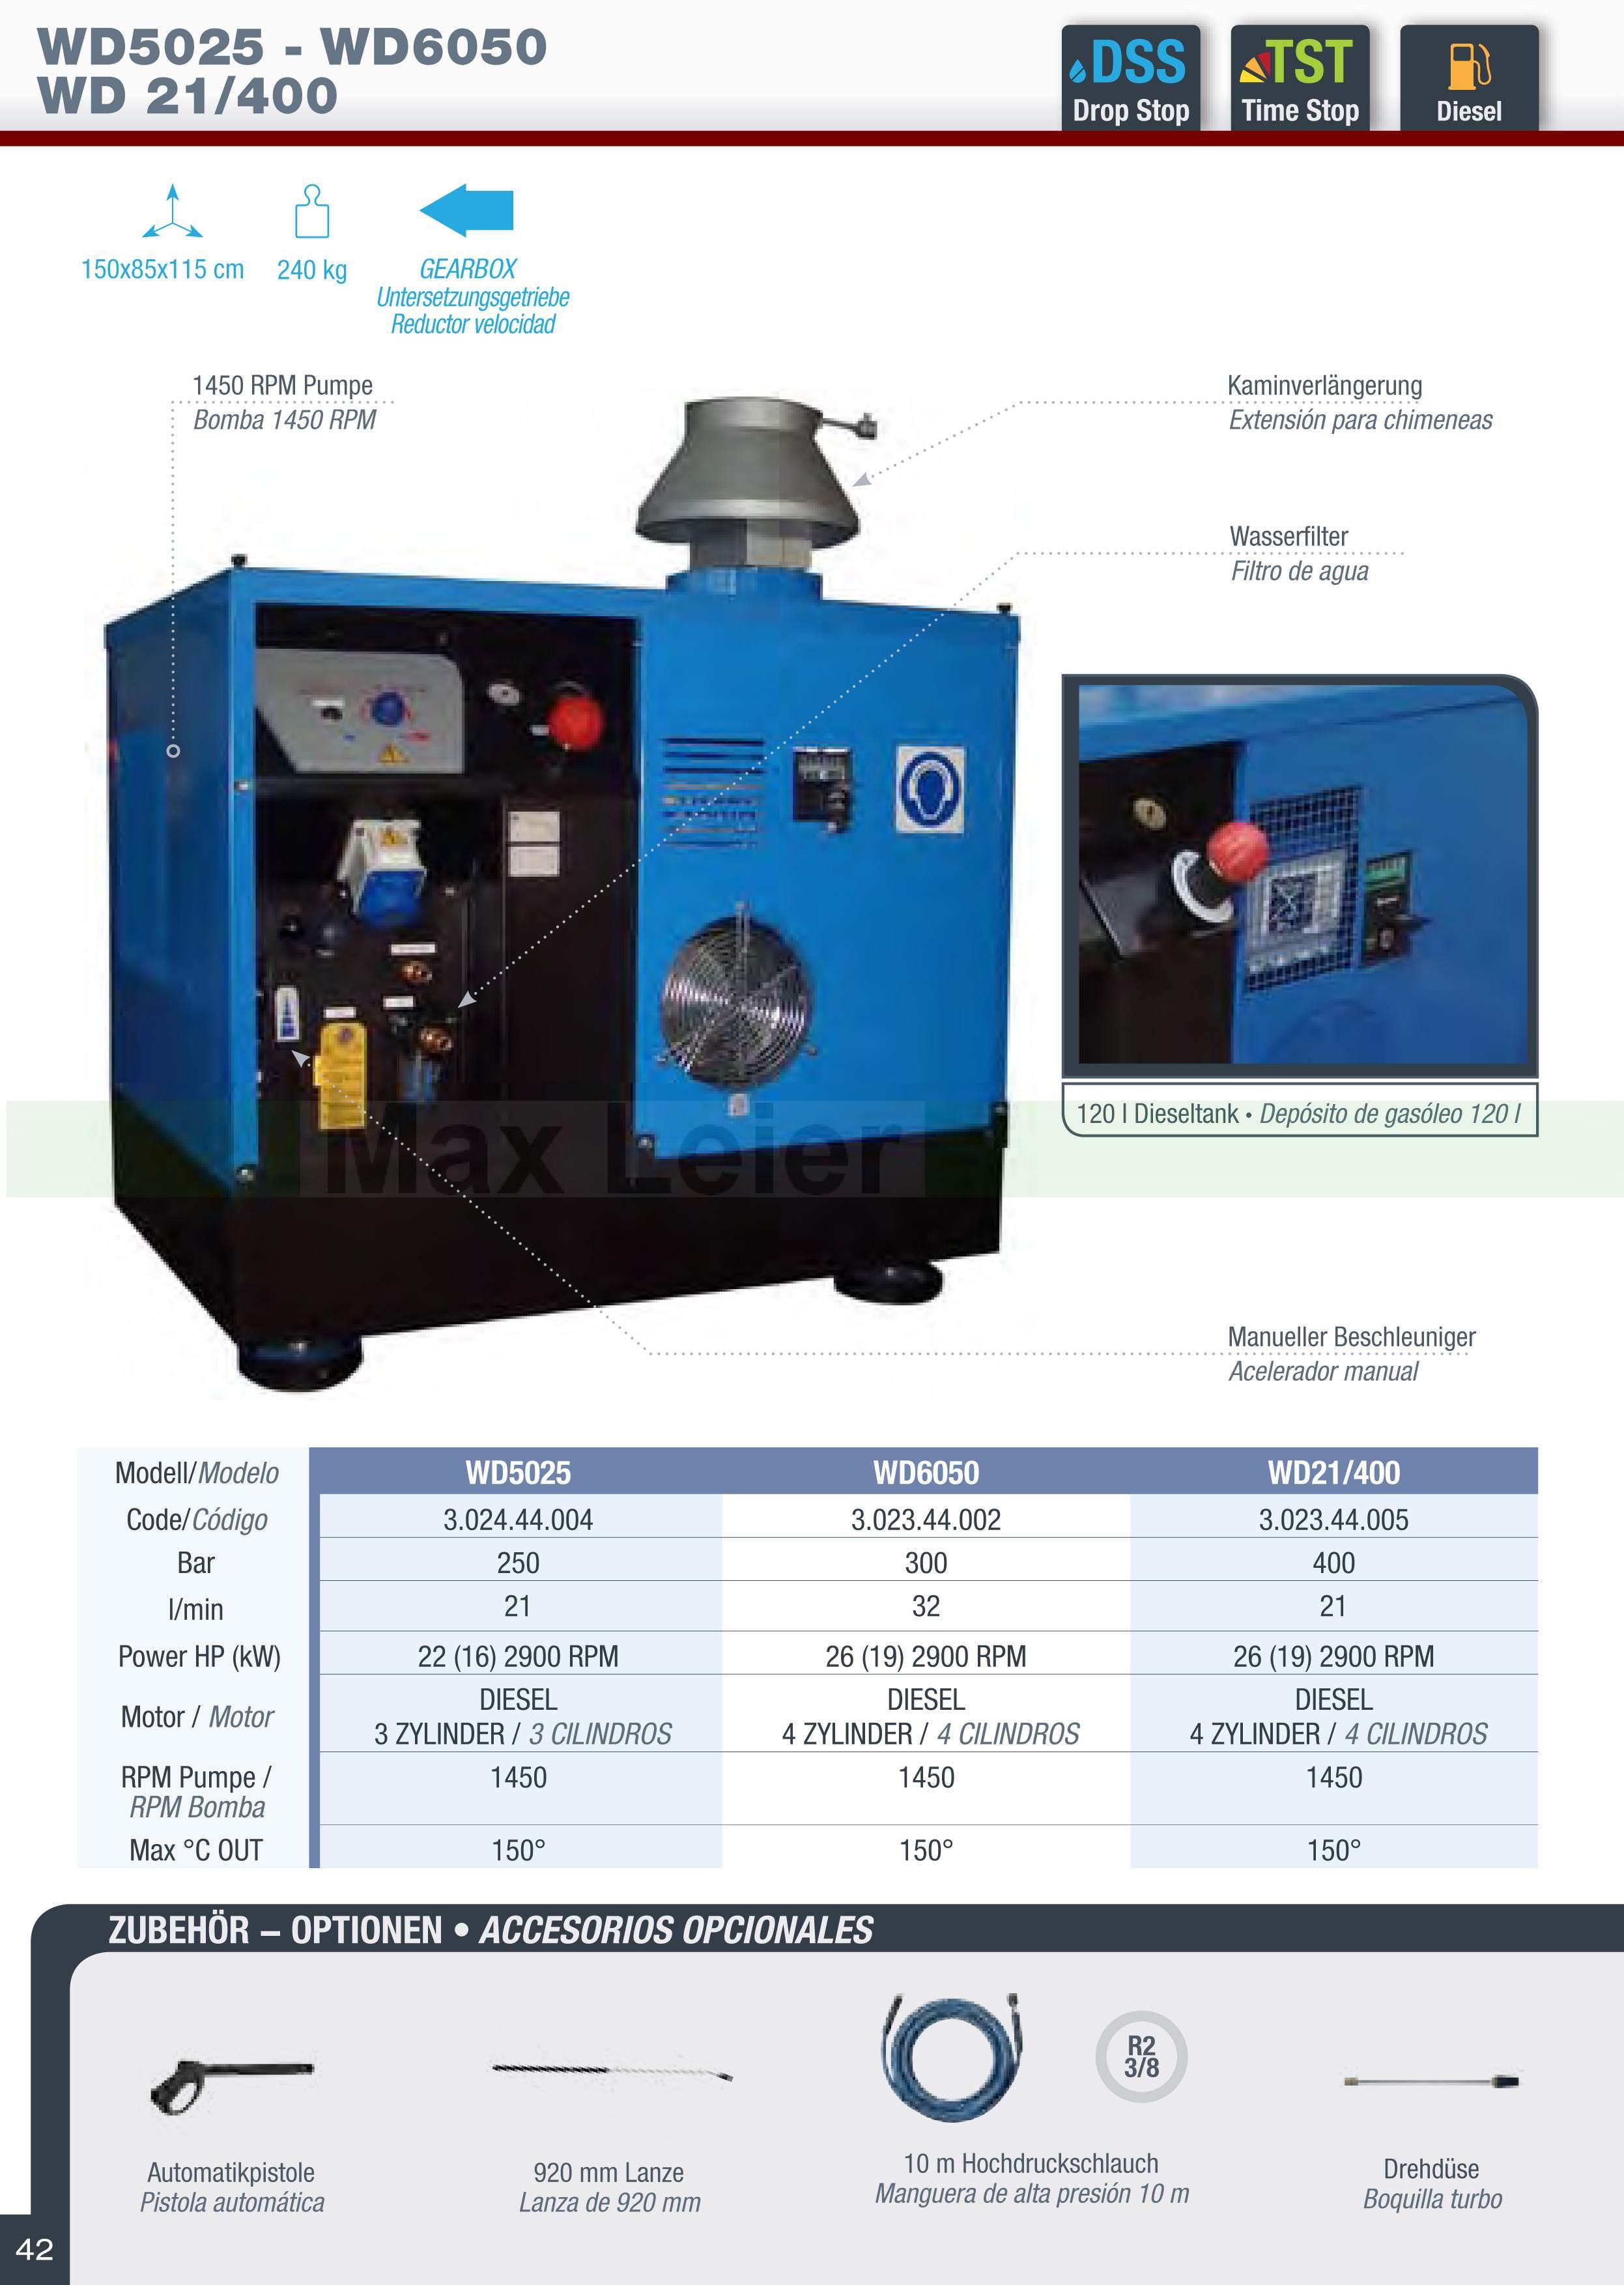 S42-Mazzoni-WD5025-WD6050-WD21400